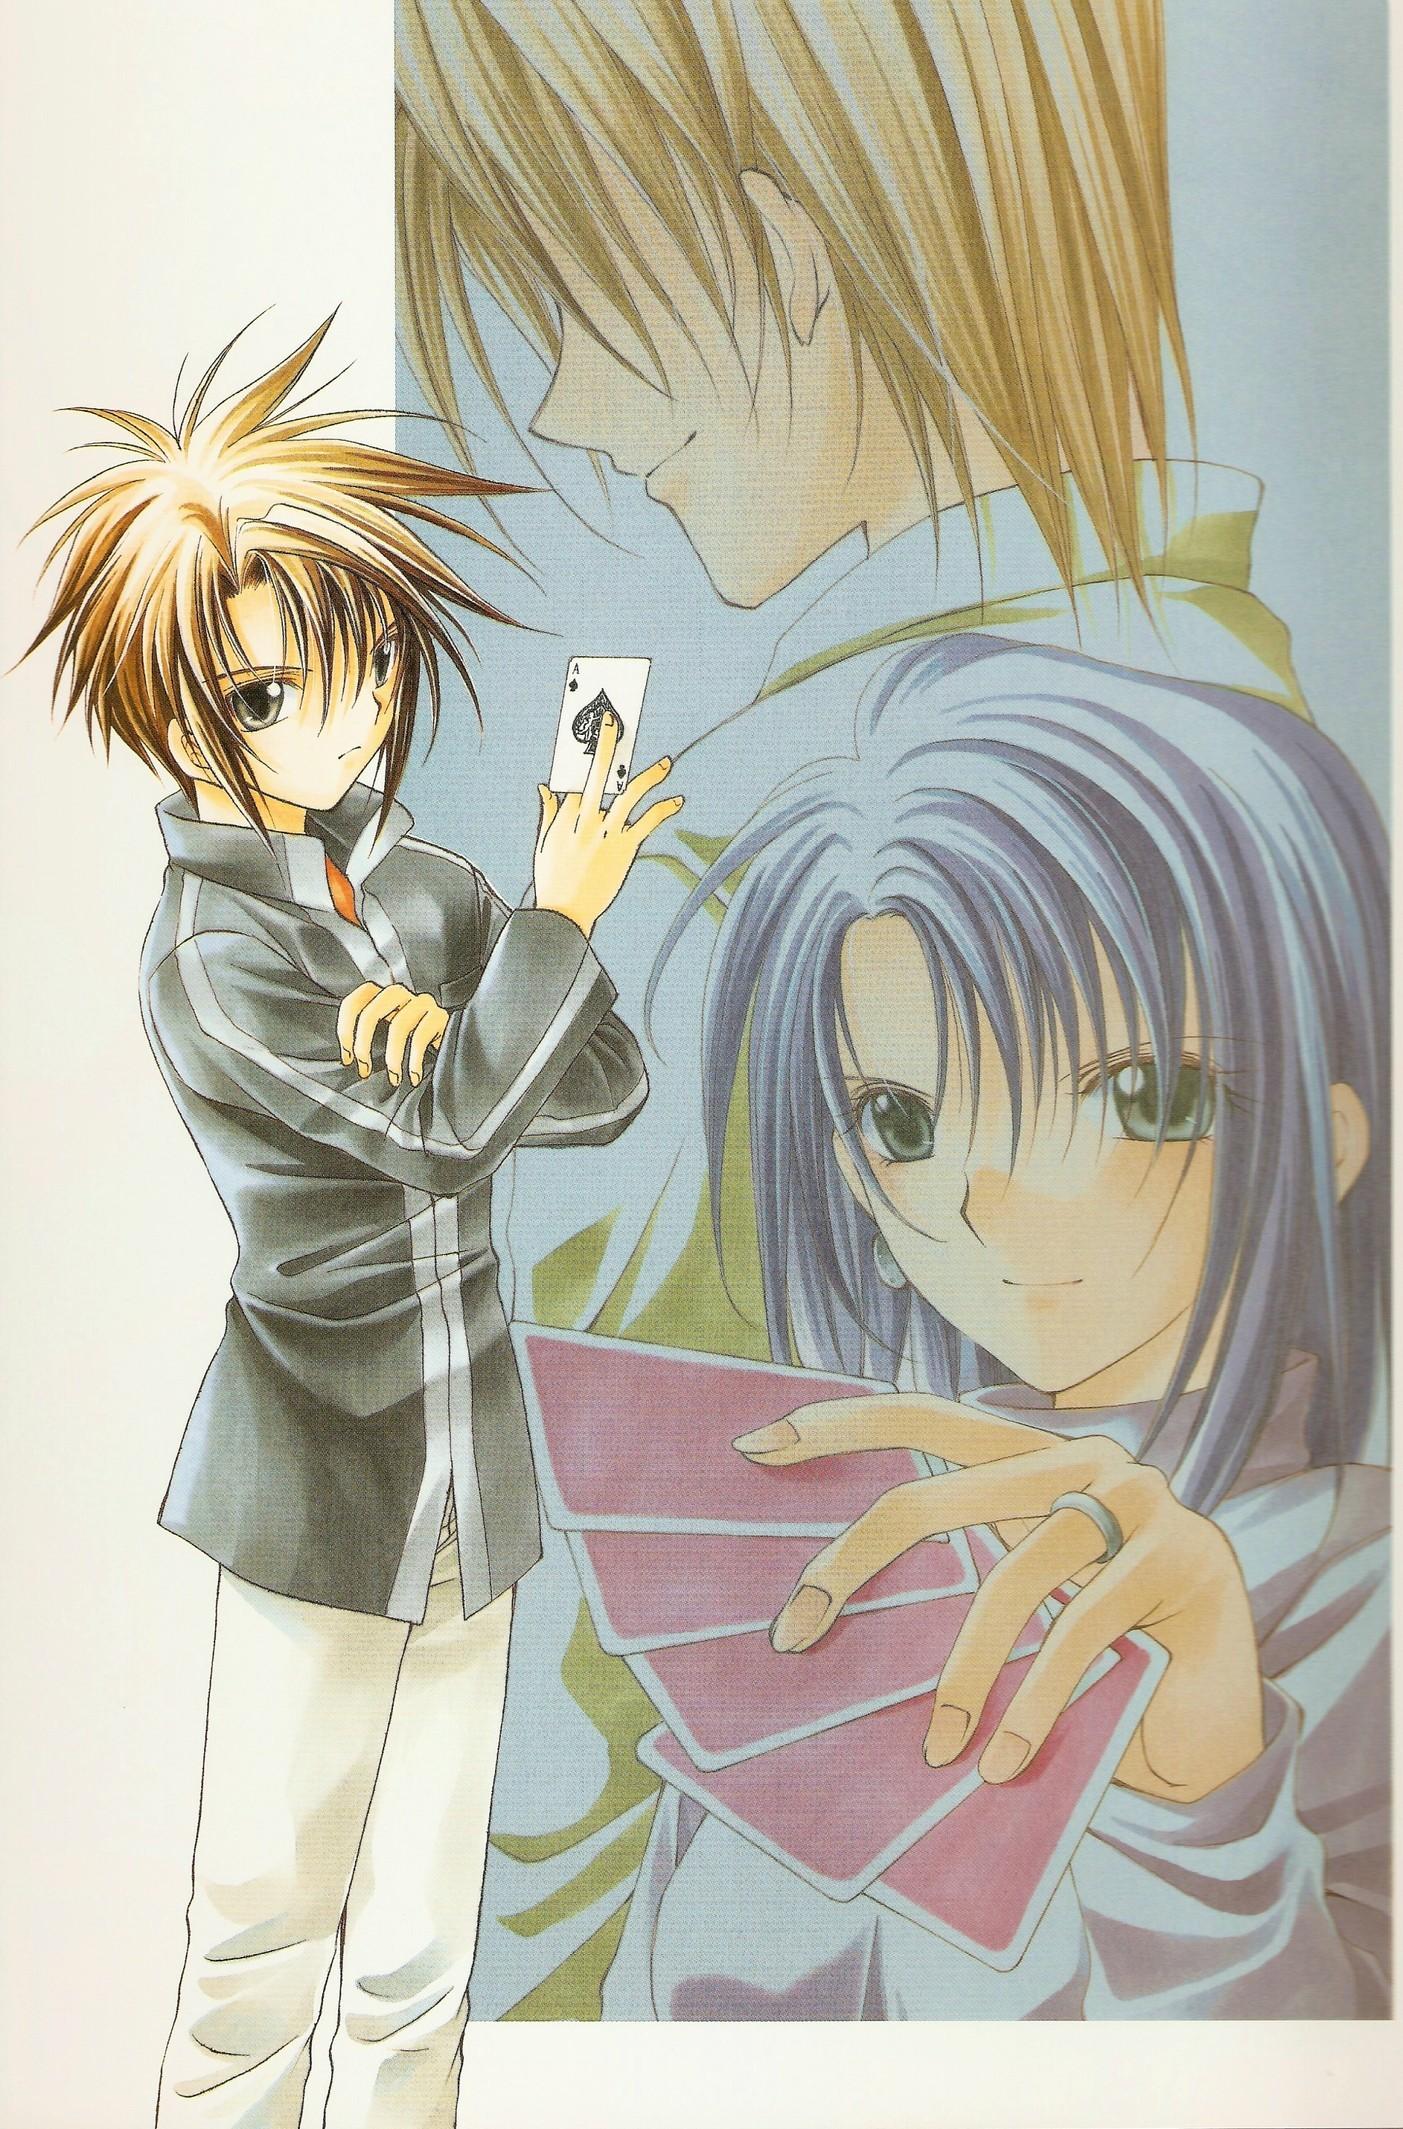 Spiral (Manga) (Spiral: The Bonds Of Reasoning) | page 4 ...